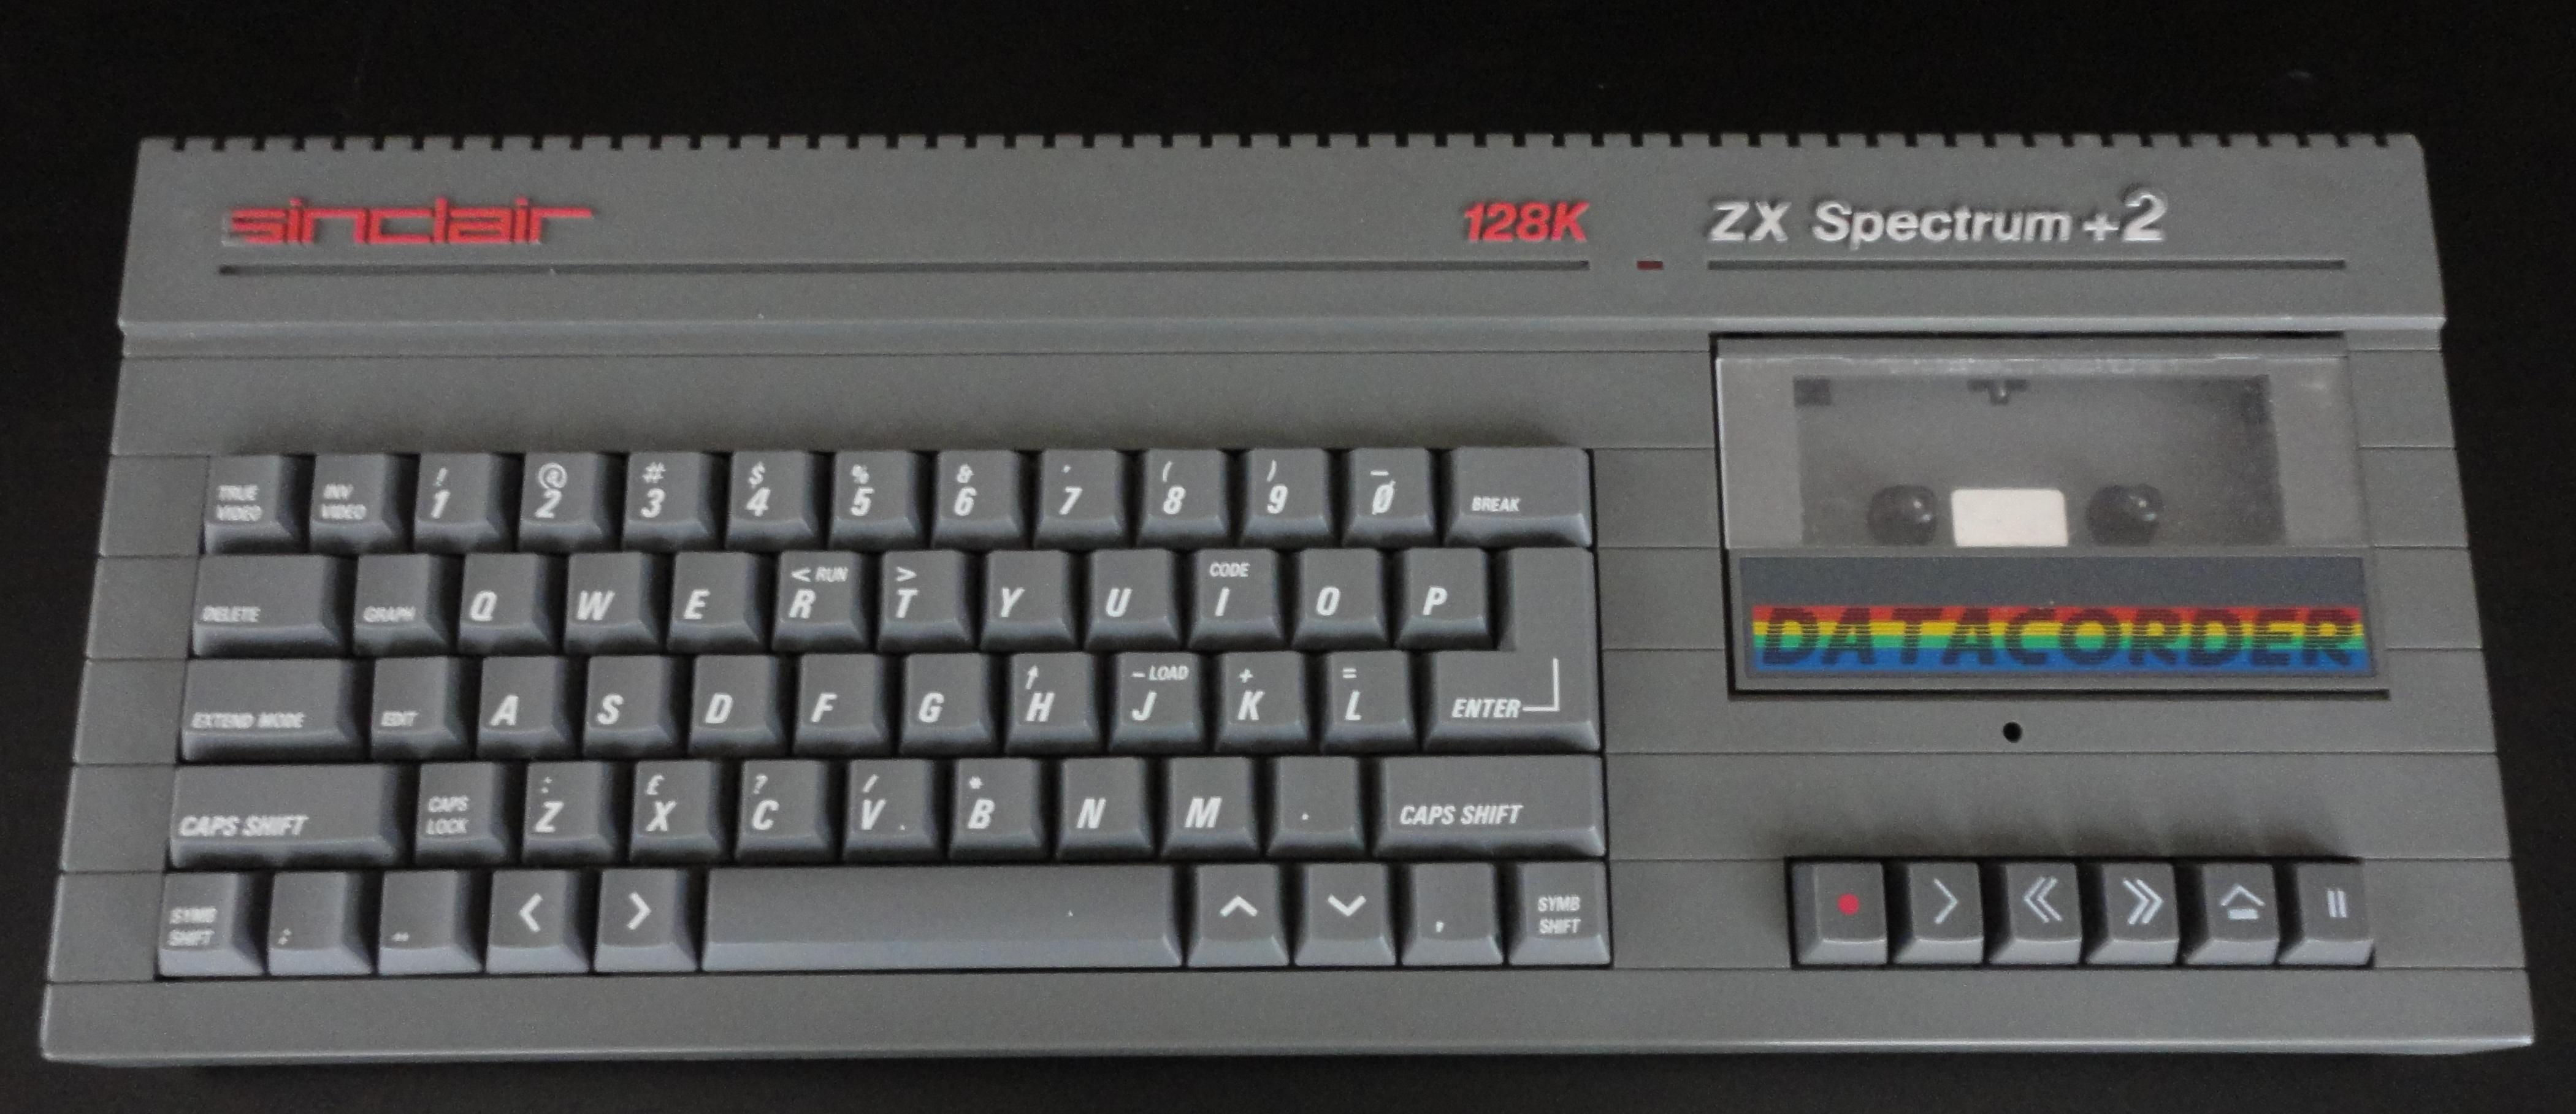 sinclair zx2